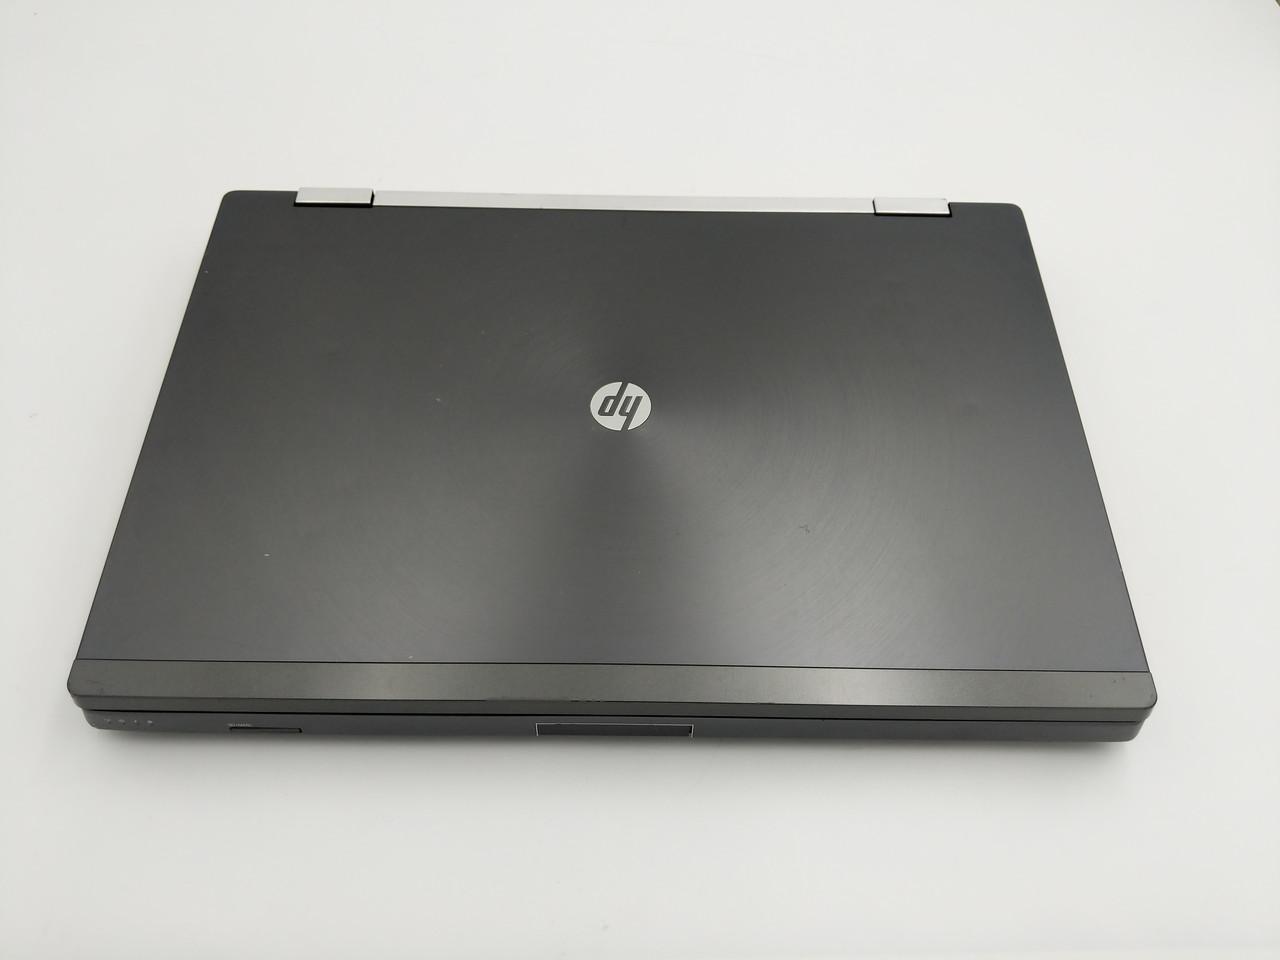 Б/У HP EliteBook 8560w 15.6″ HD+ i5-2540M /DDR3 8 Gb /SSD 240Gb Нет в наличии 2